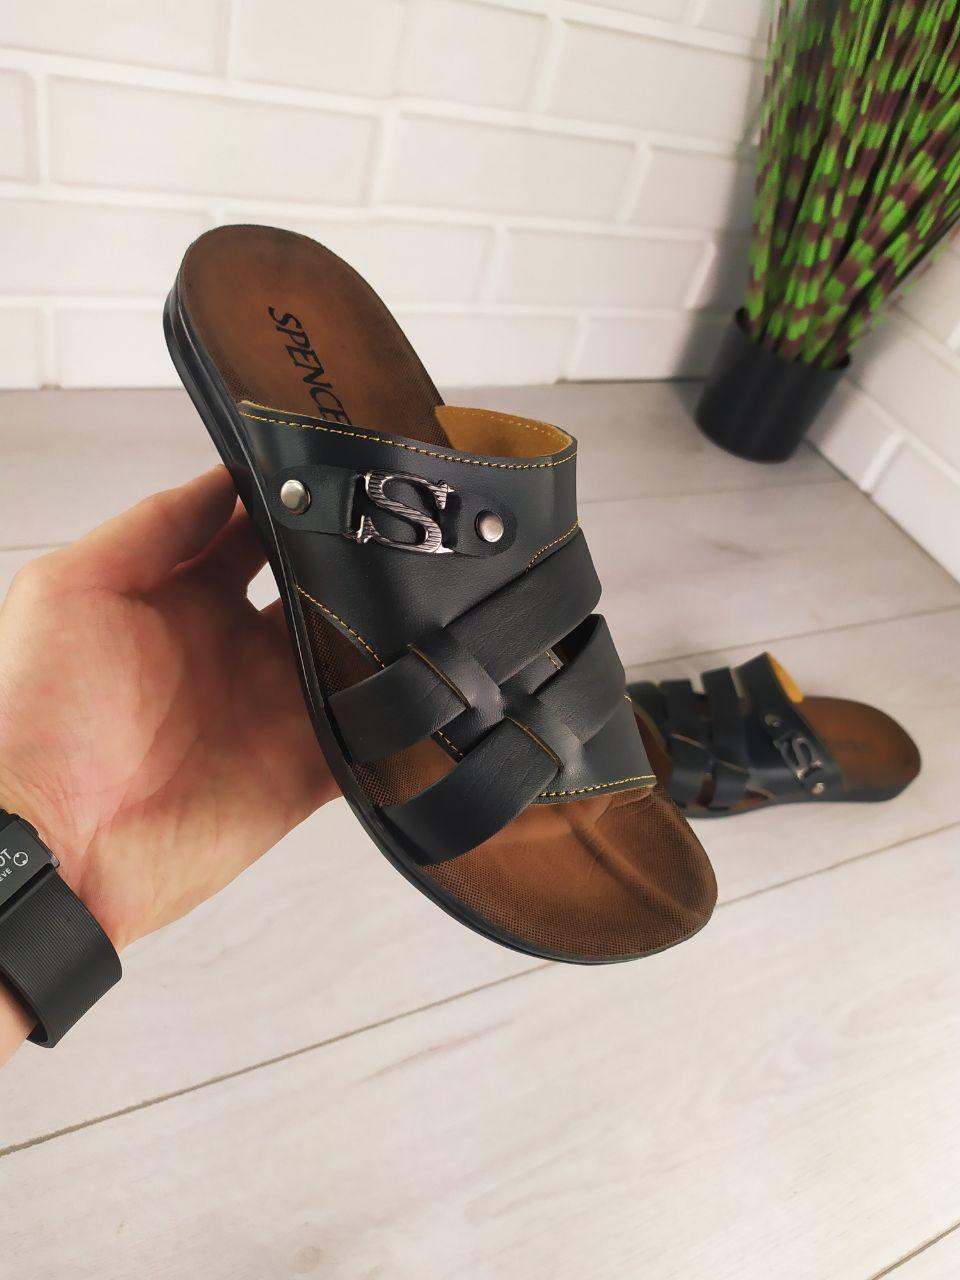 Шлепанцы мужские, черные, эко кожа, шлепки мужские, тапочки мужские, вьетнамки мужские, обувь летняя